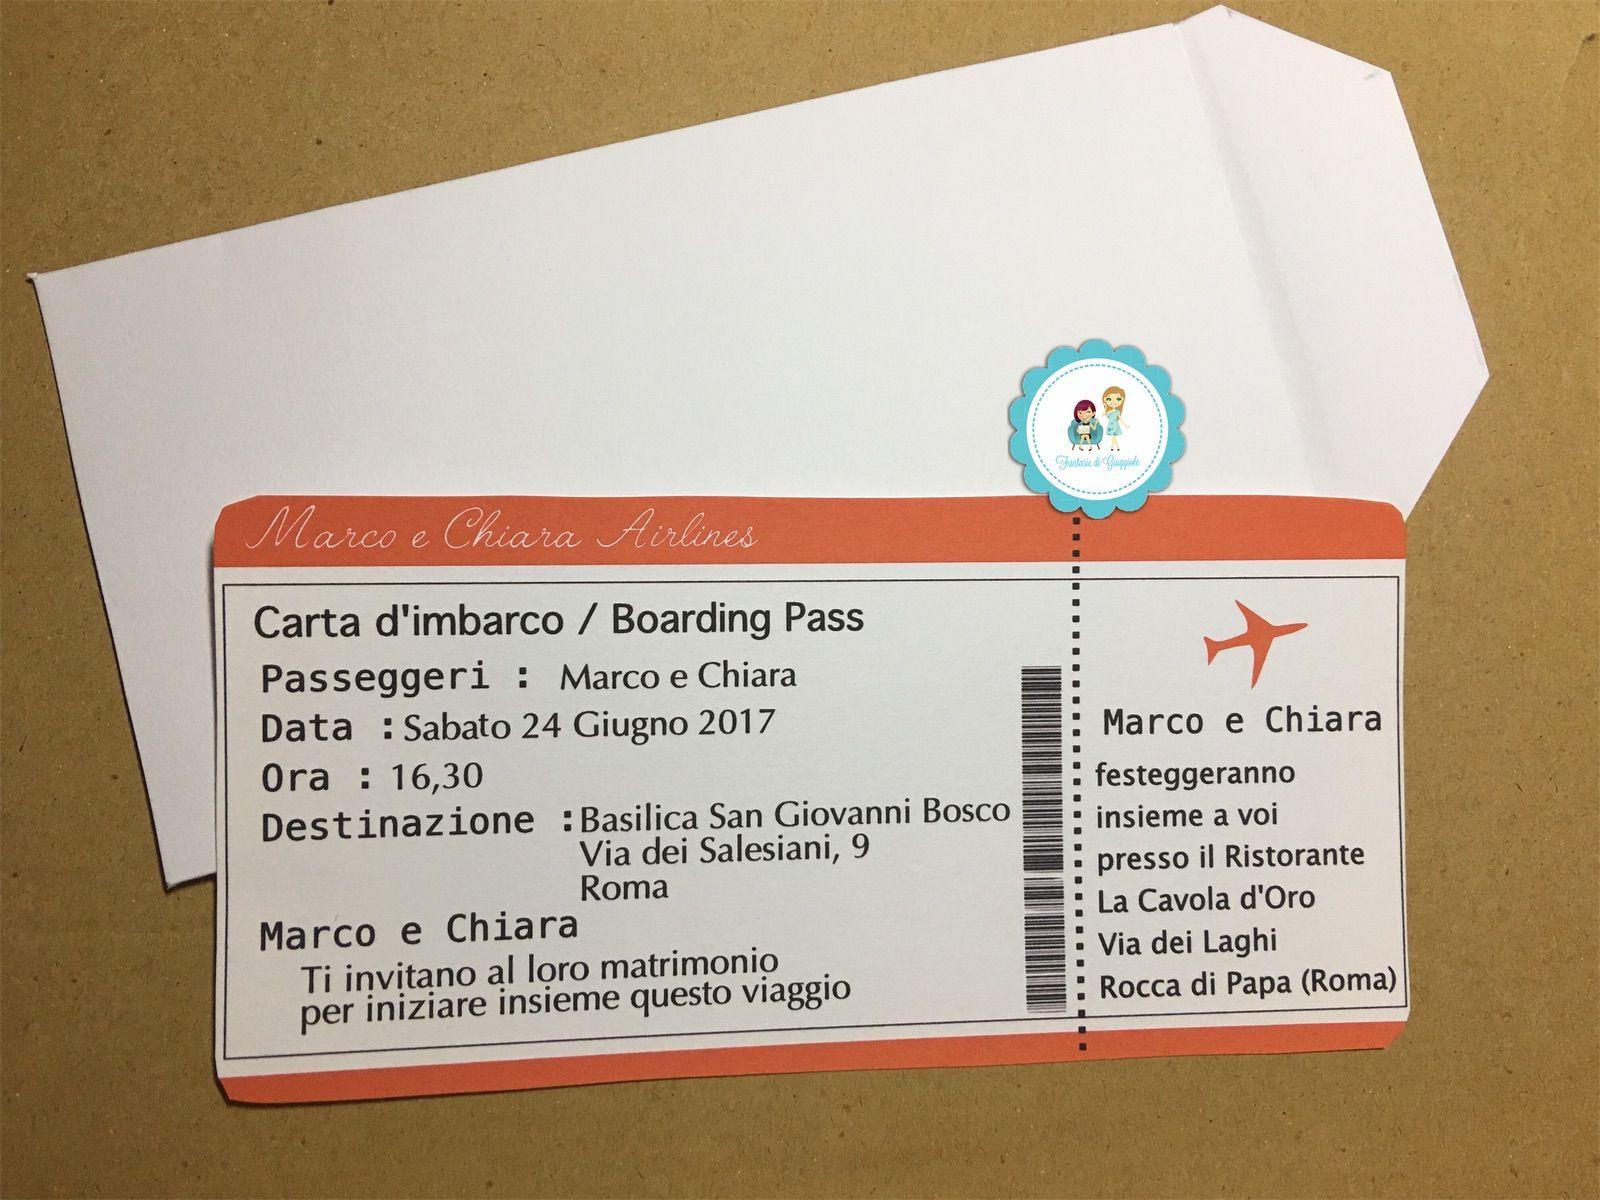 Partecipazione Matrimonio Biglietto Aereo Carta D Imbarco Biglietti Aerei Biglietto